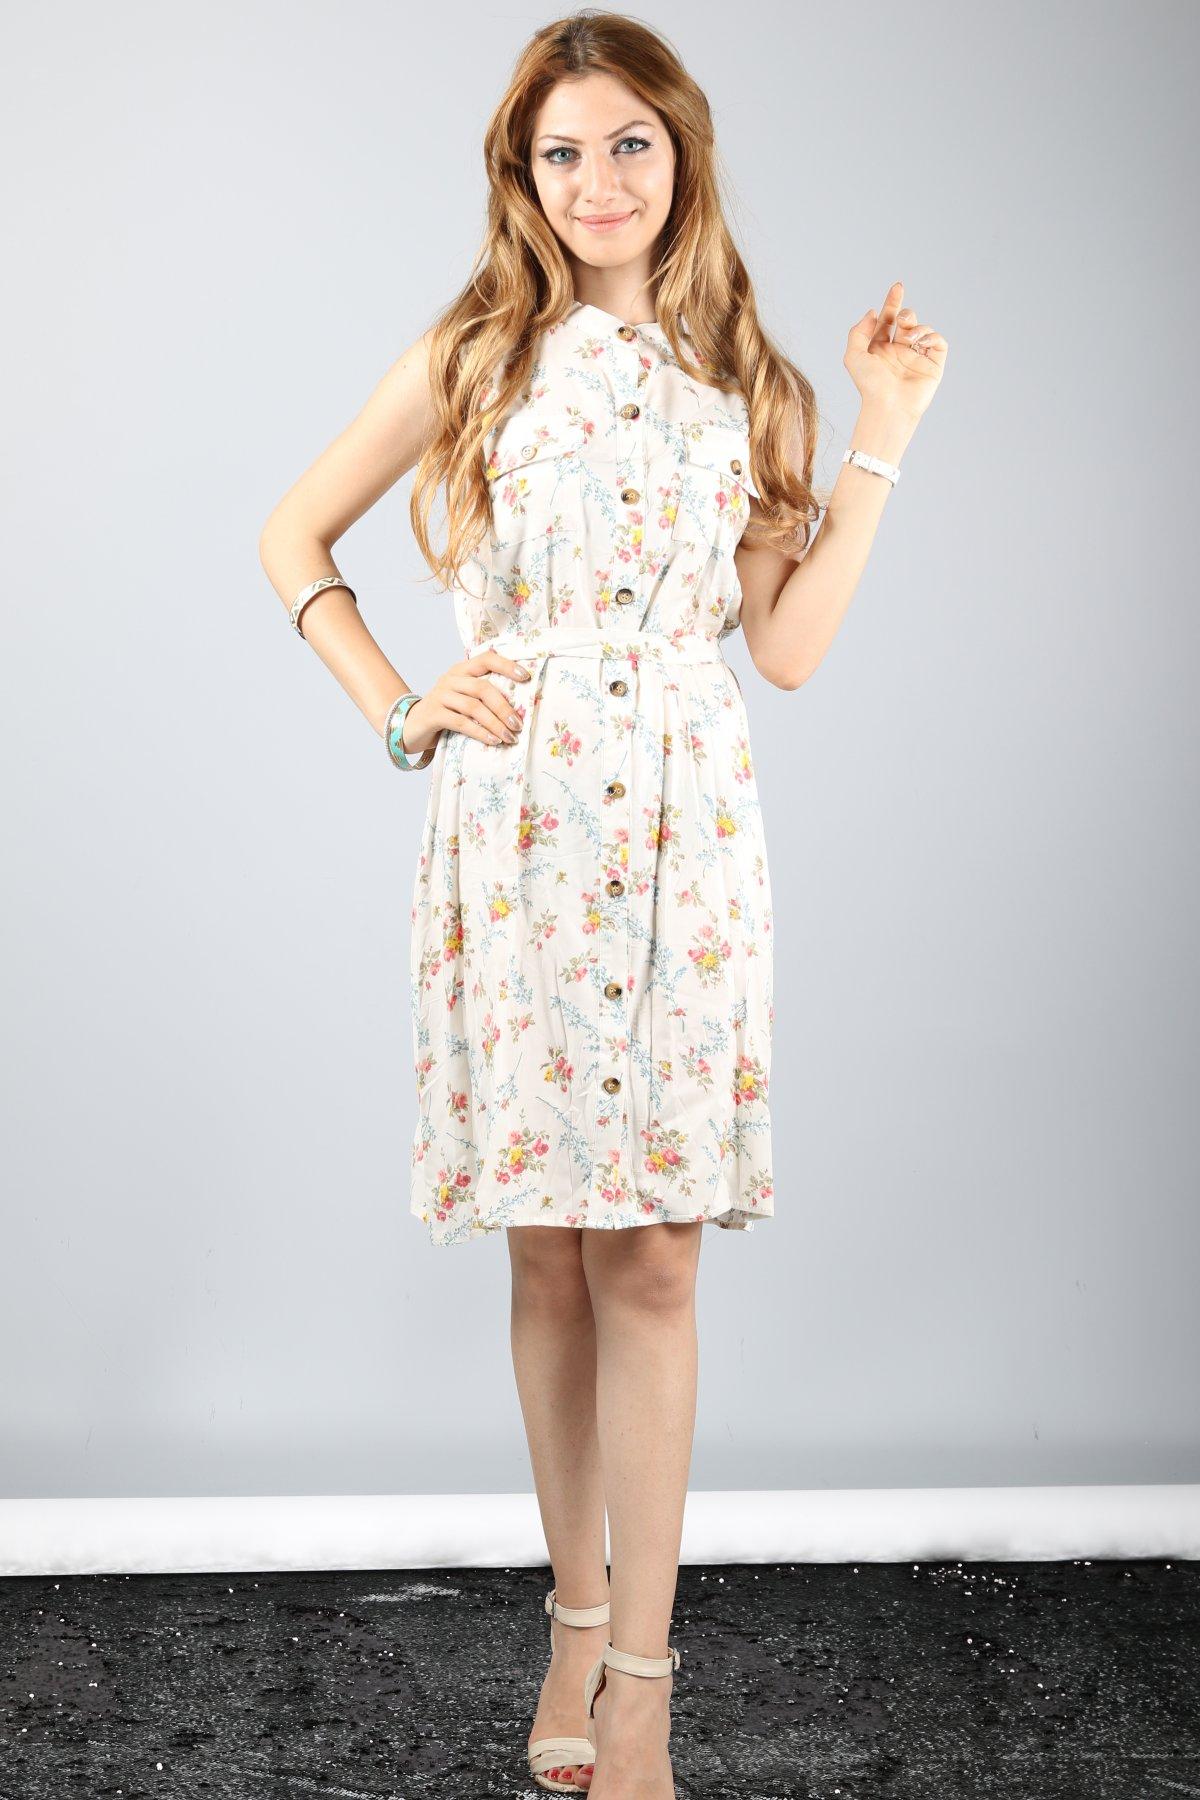 Sıfır Kol Çiçek Desen Elbise